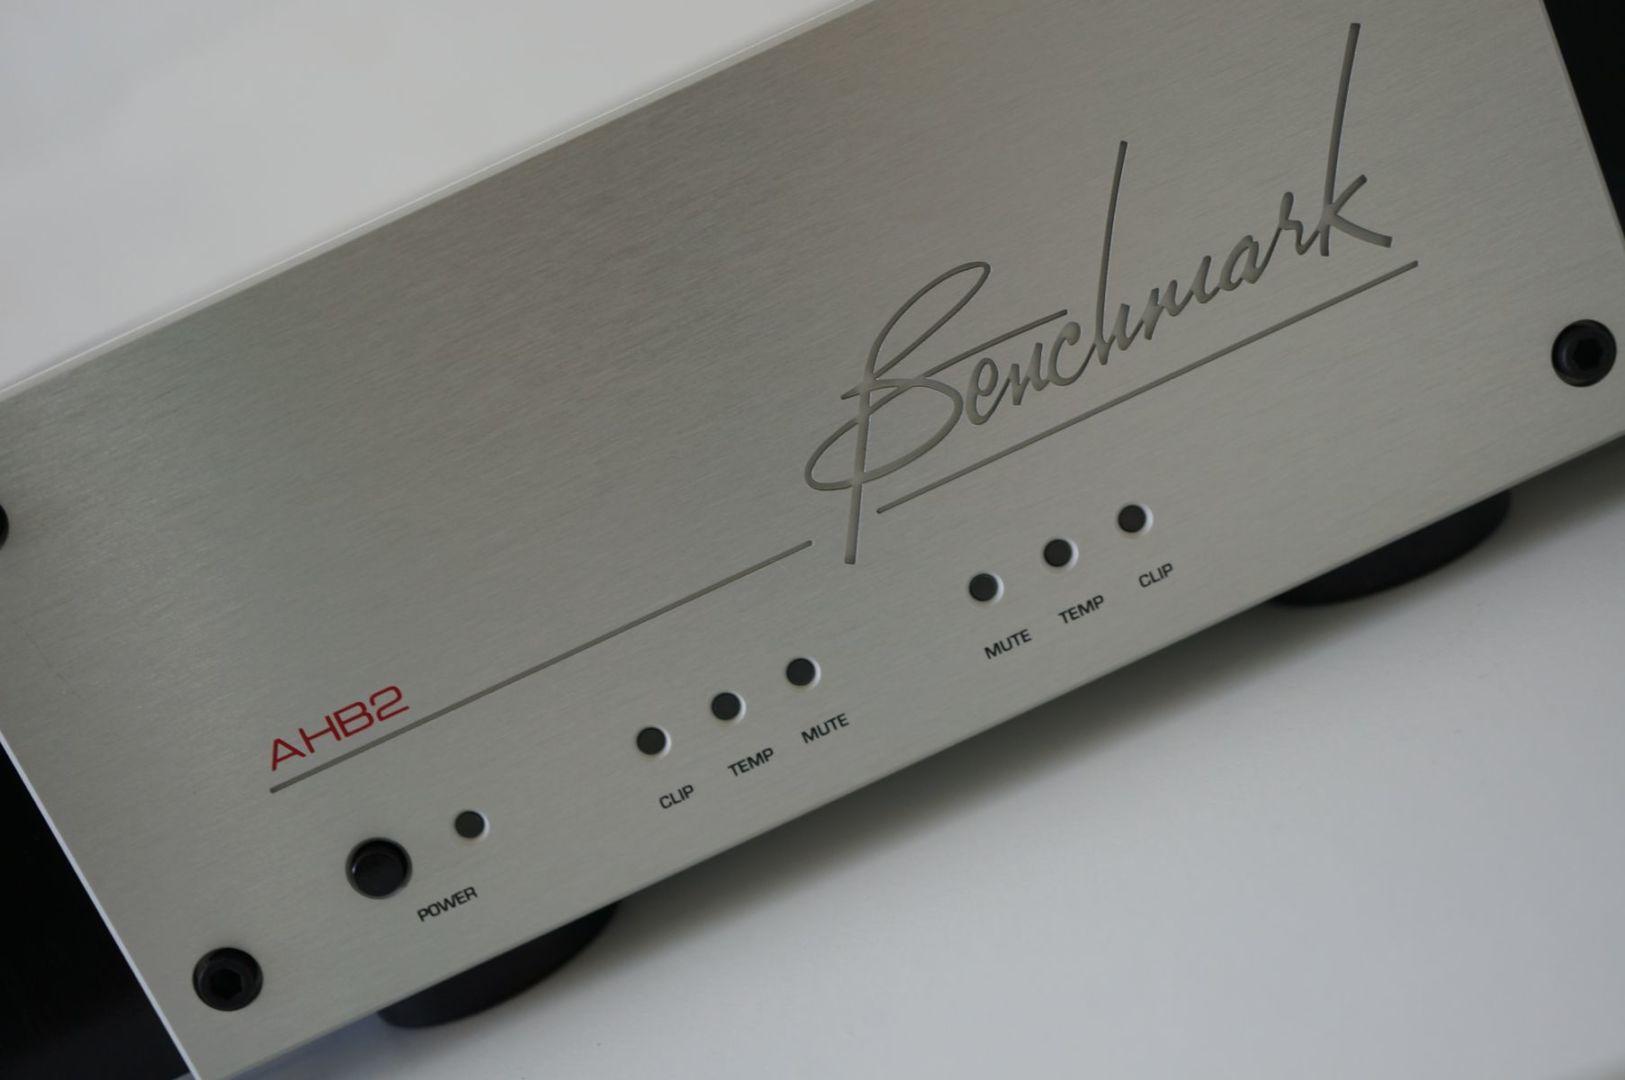 Benchmark AHB2